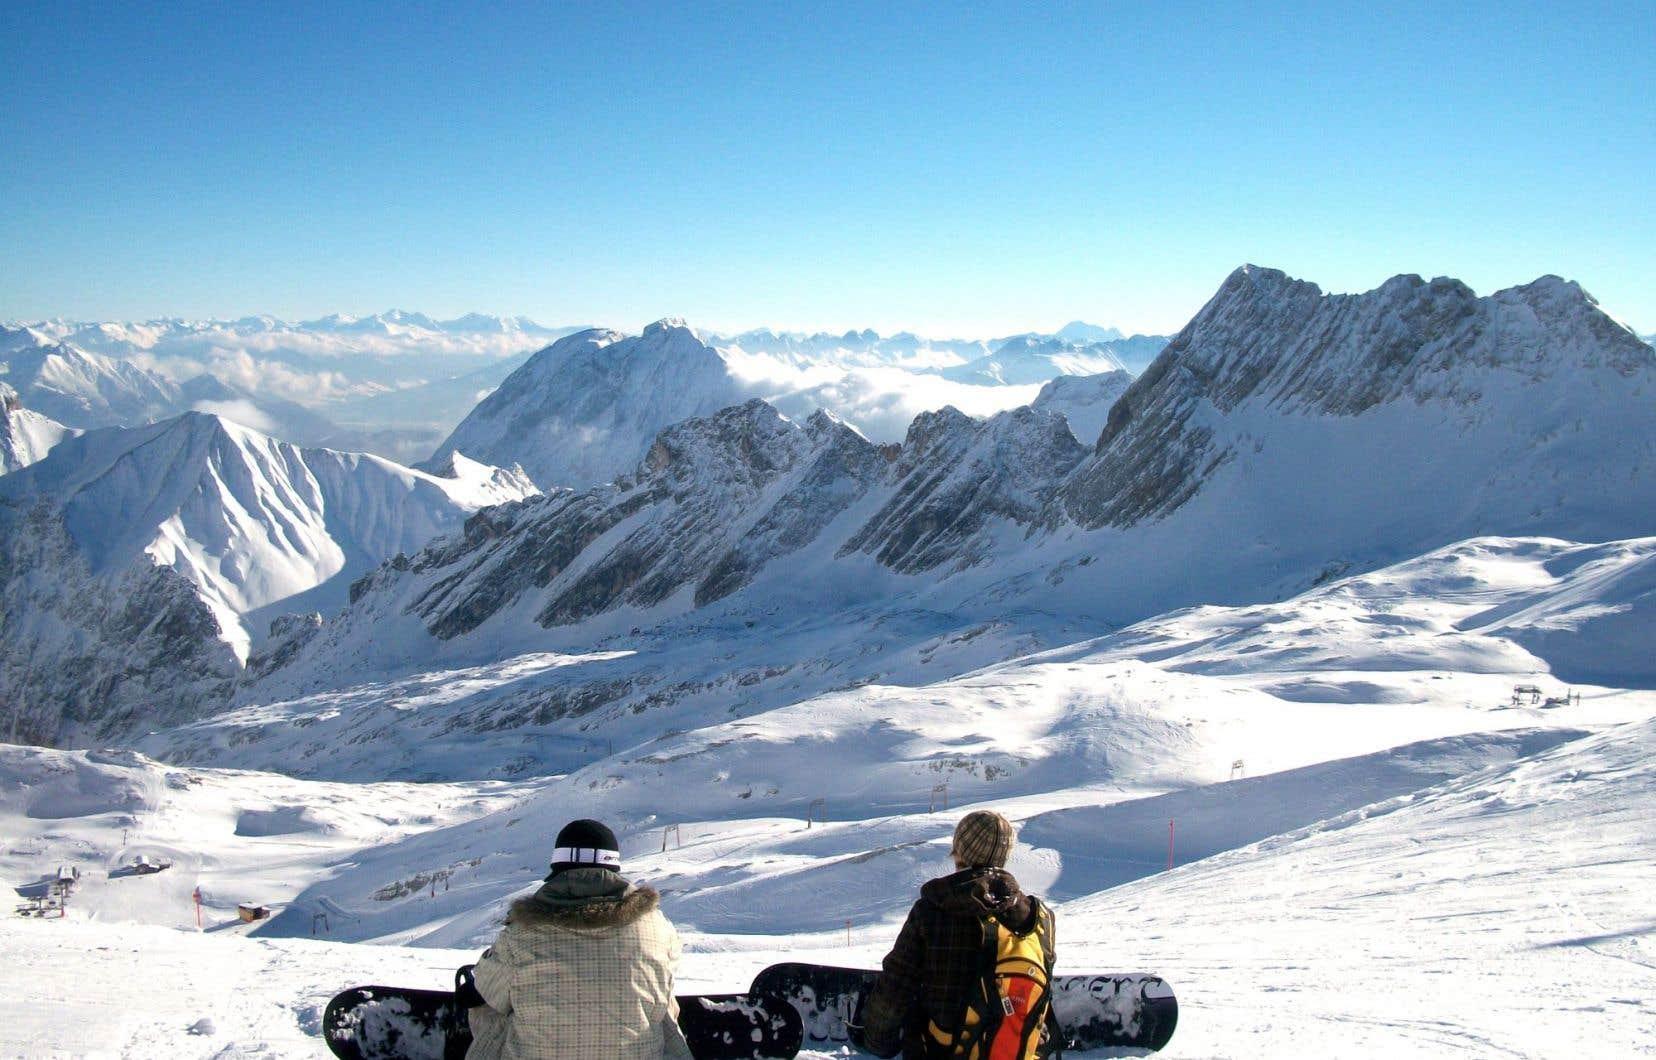 Un moment à profiter du calme des Alpes, un des recoins du monde où l'environnement sonore est intact.